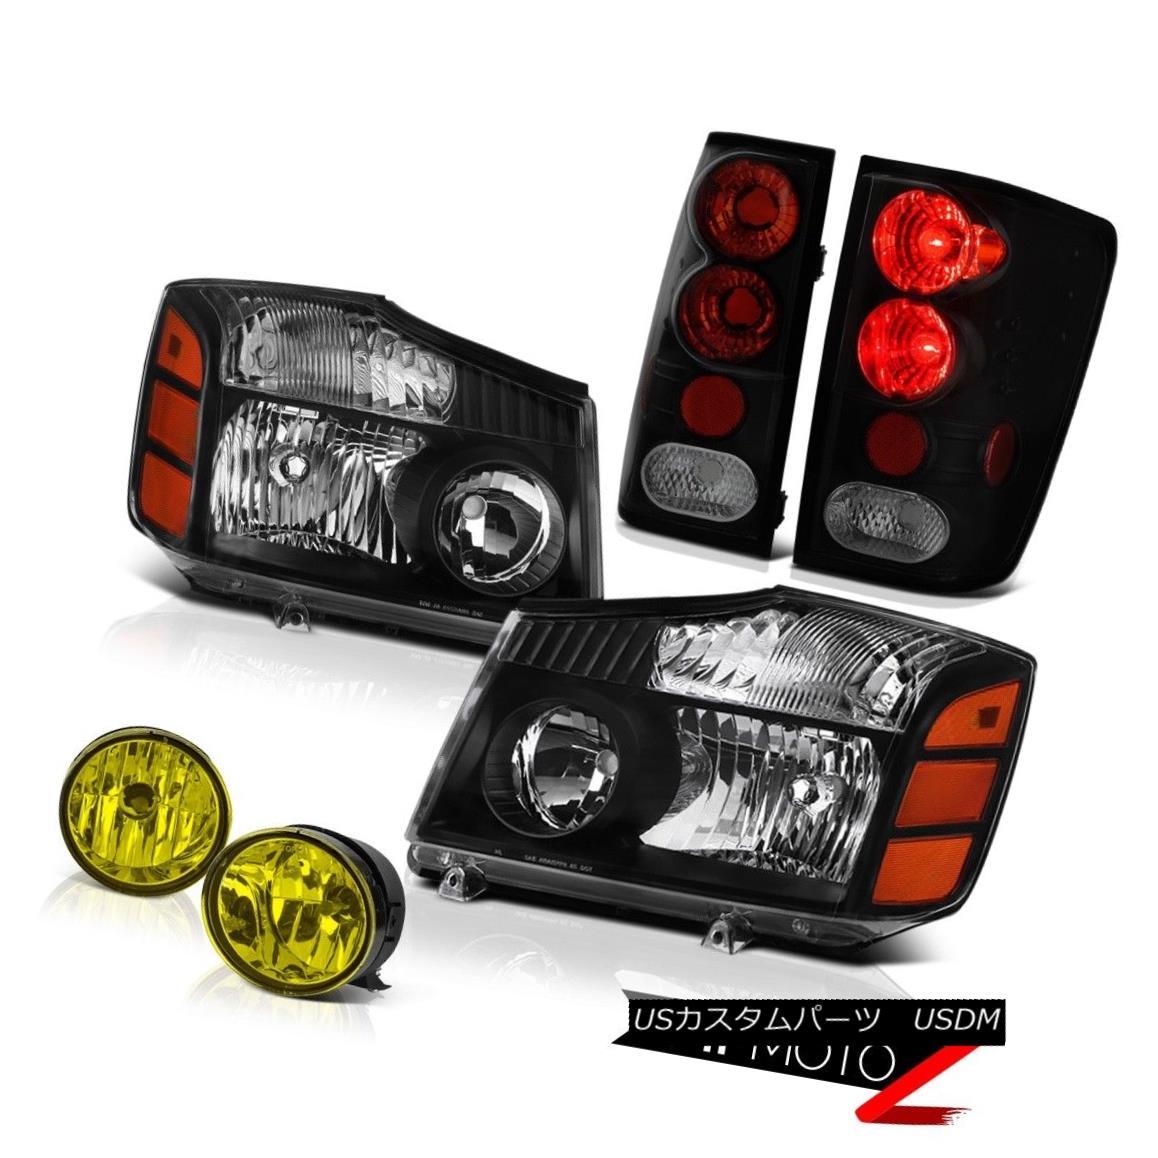 ヘッドライト For 2004-2015 Titan SE Black Diamond Headlights Dark Tail Lights Yellow Foglight 2004年から2015年までタイタンSEブラックダイヤモンドヘッドライトダークテールライトイエローフォグライト